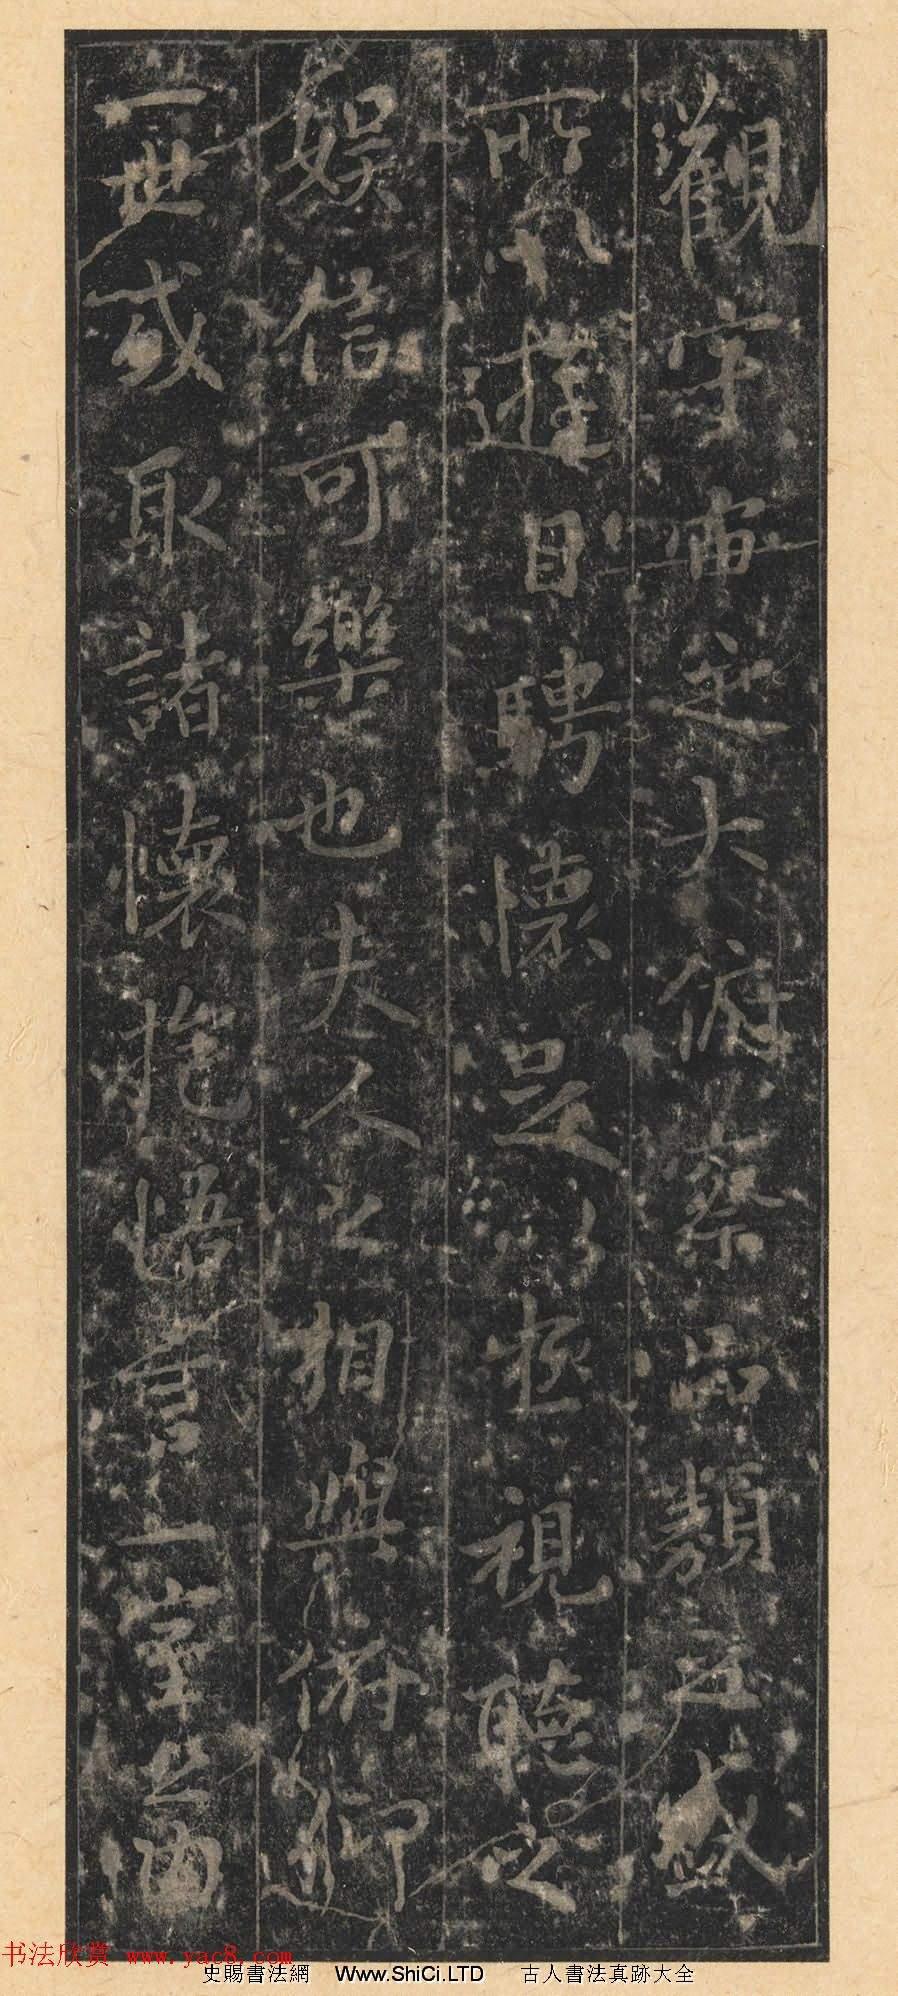 晉唐小楷法書八種舊拓本_美國藏